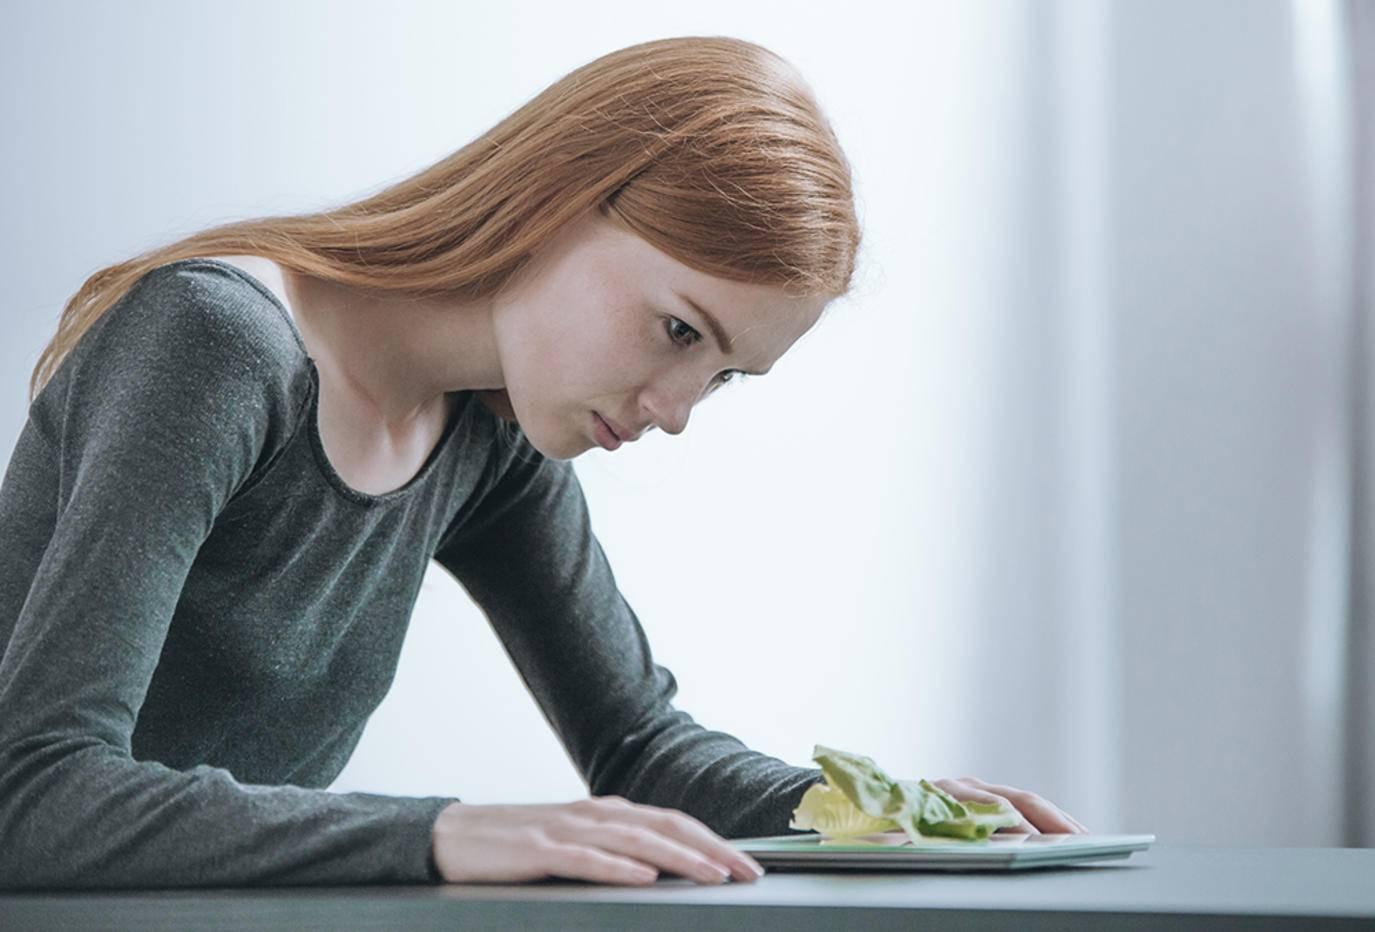 فقدان الرغبة فى تناول الطعام